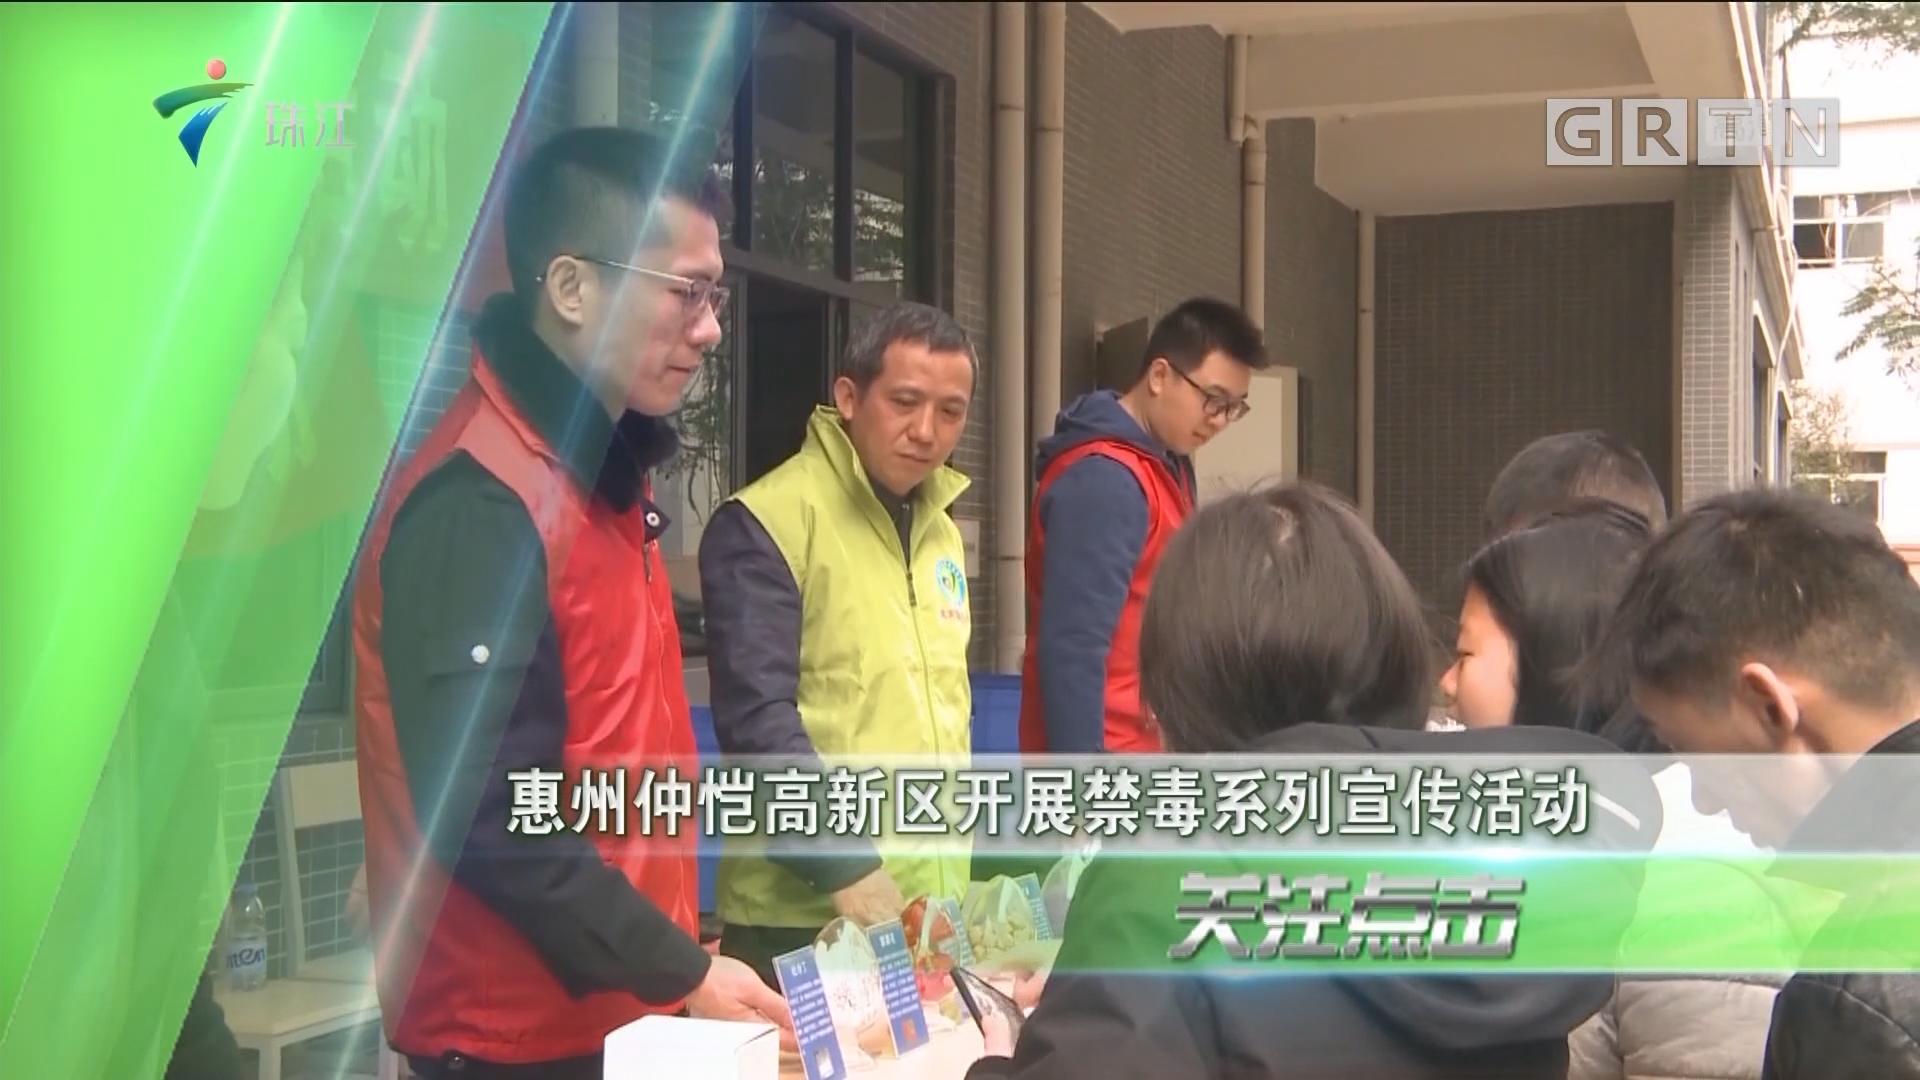 惠州仲恺高新区开展禁毒系列宣传活动